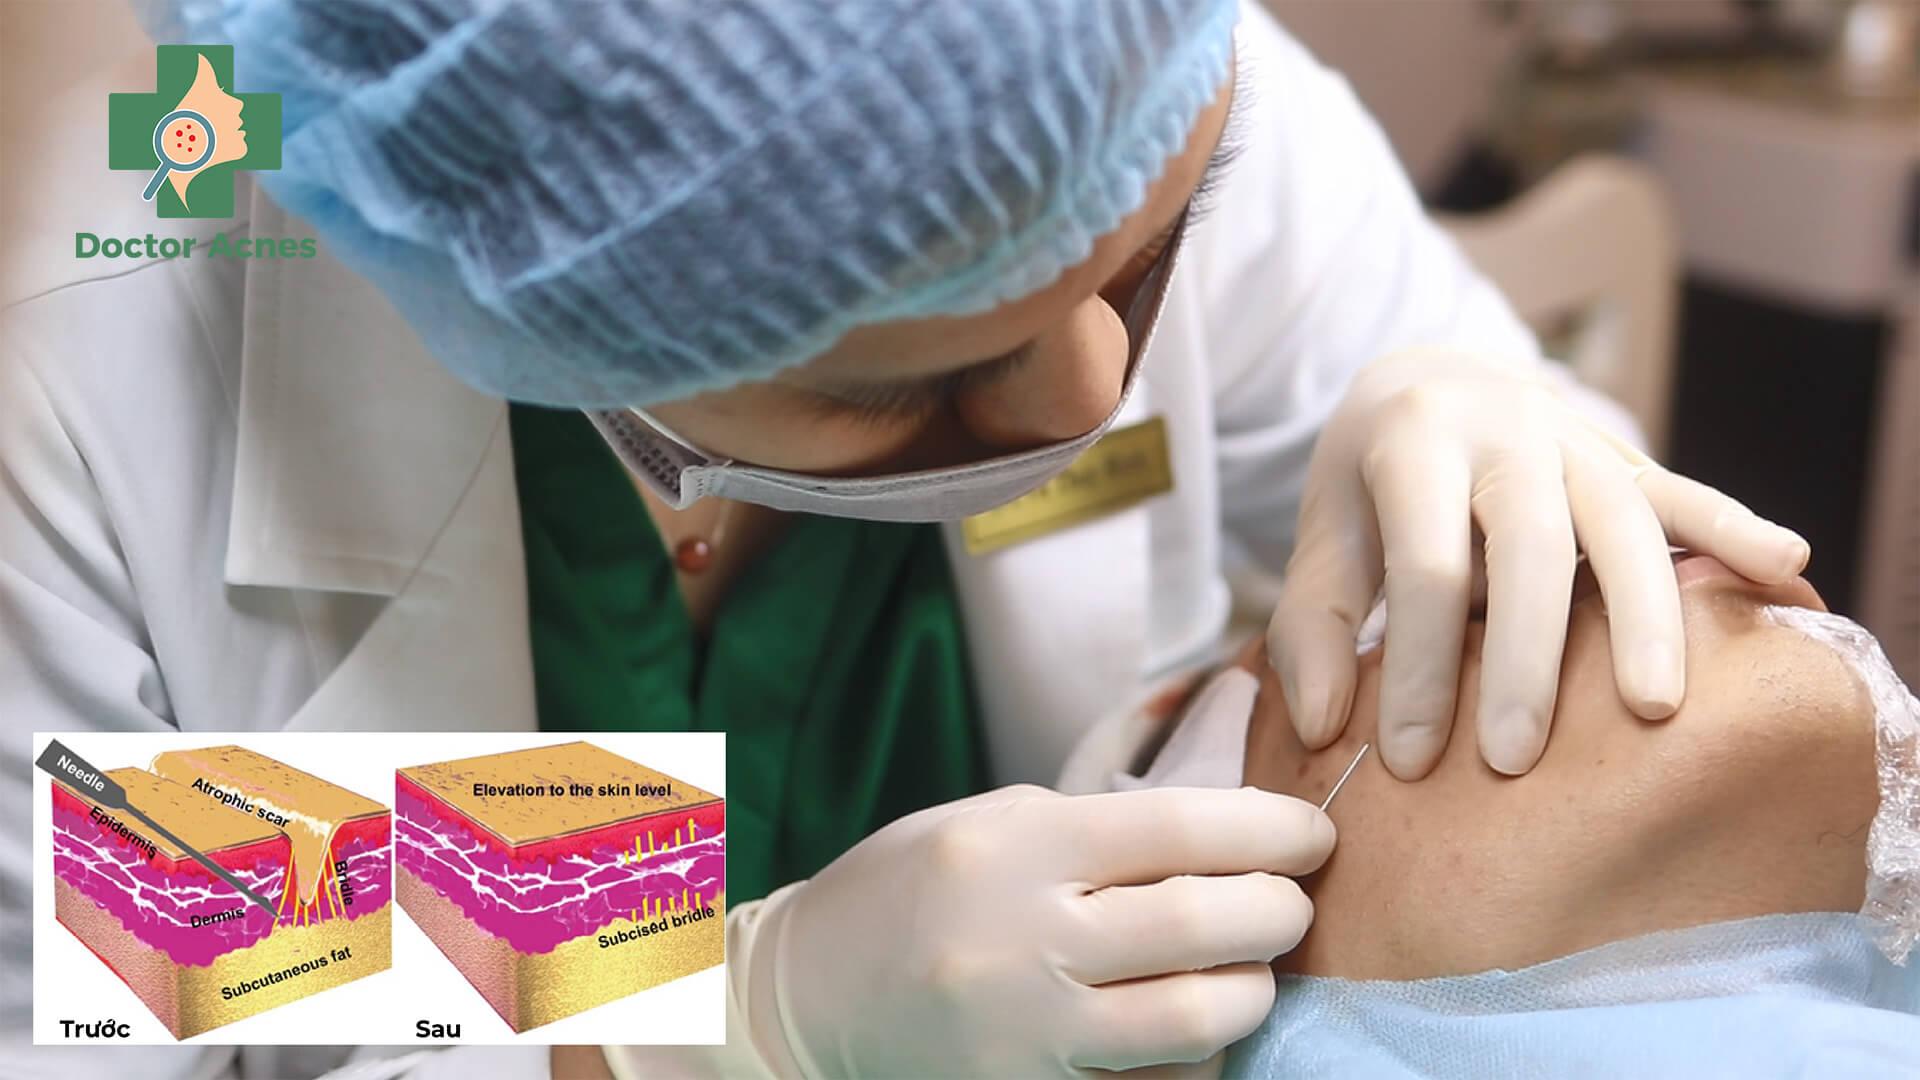 Phương pháp bóc tách đáy sẹo - Doctor Acnes